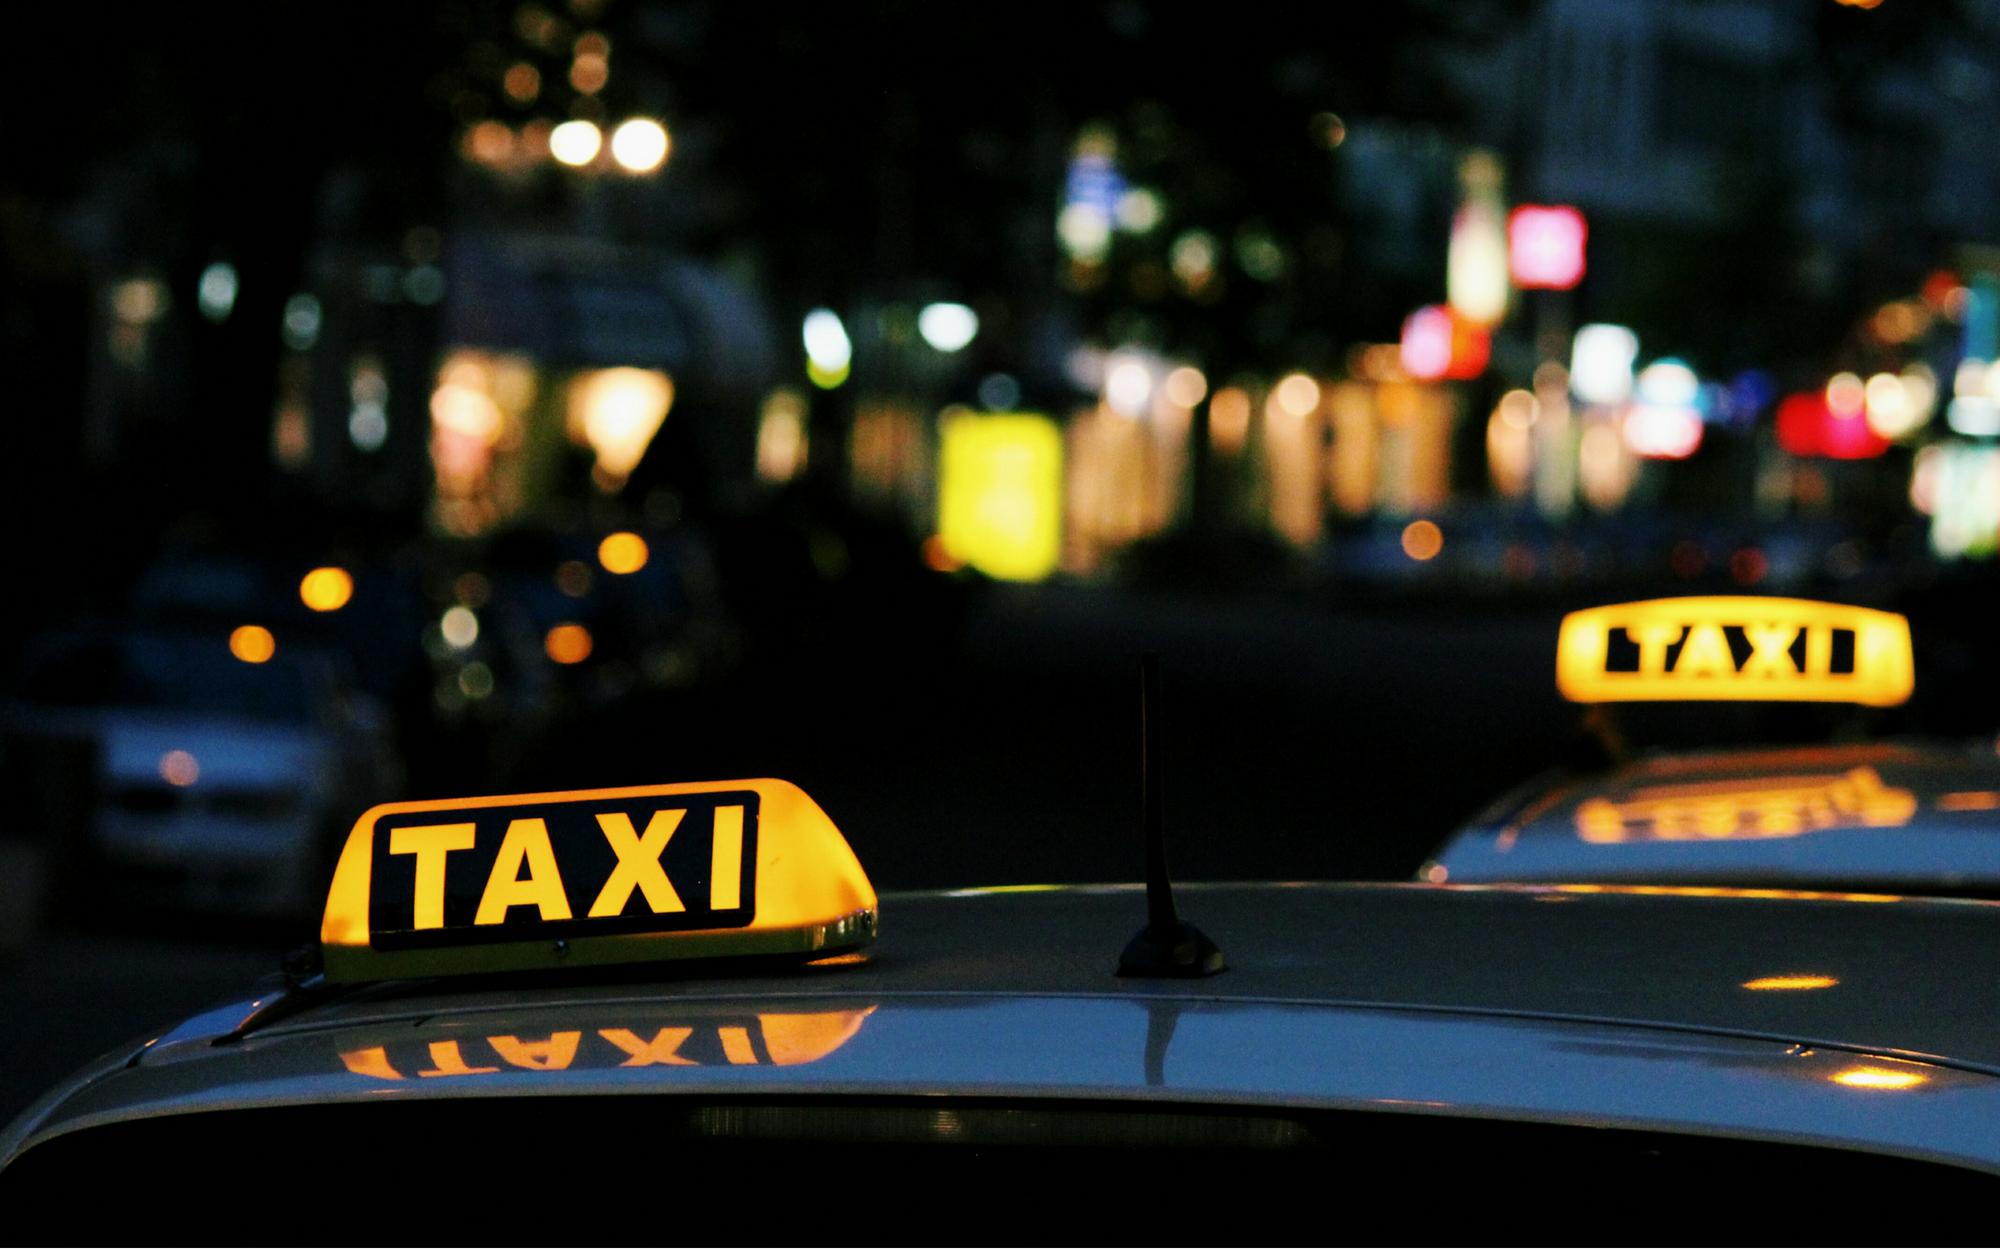 Mikä taksikyyti on edullisin? Taksien hintavertailu onnistuu nyt helposti yhdessä paikassa